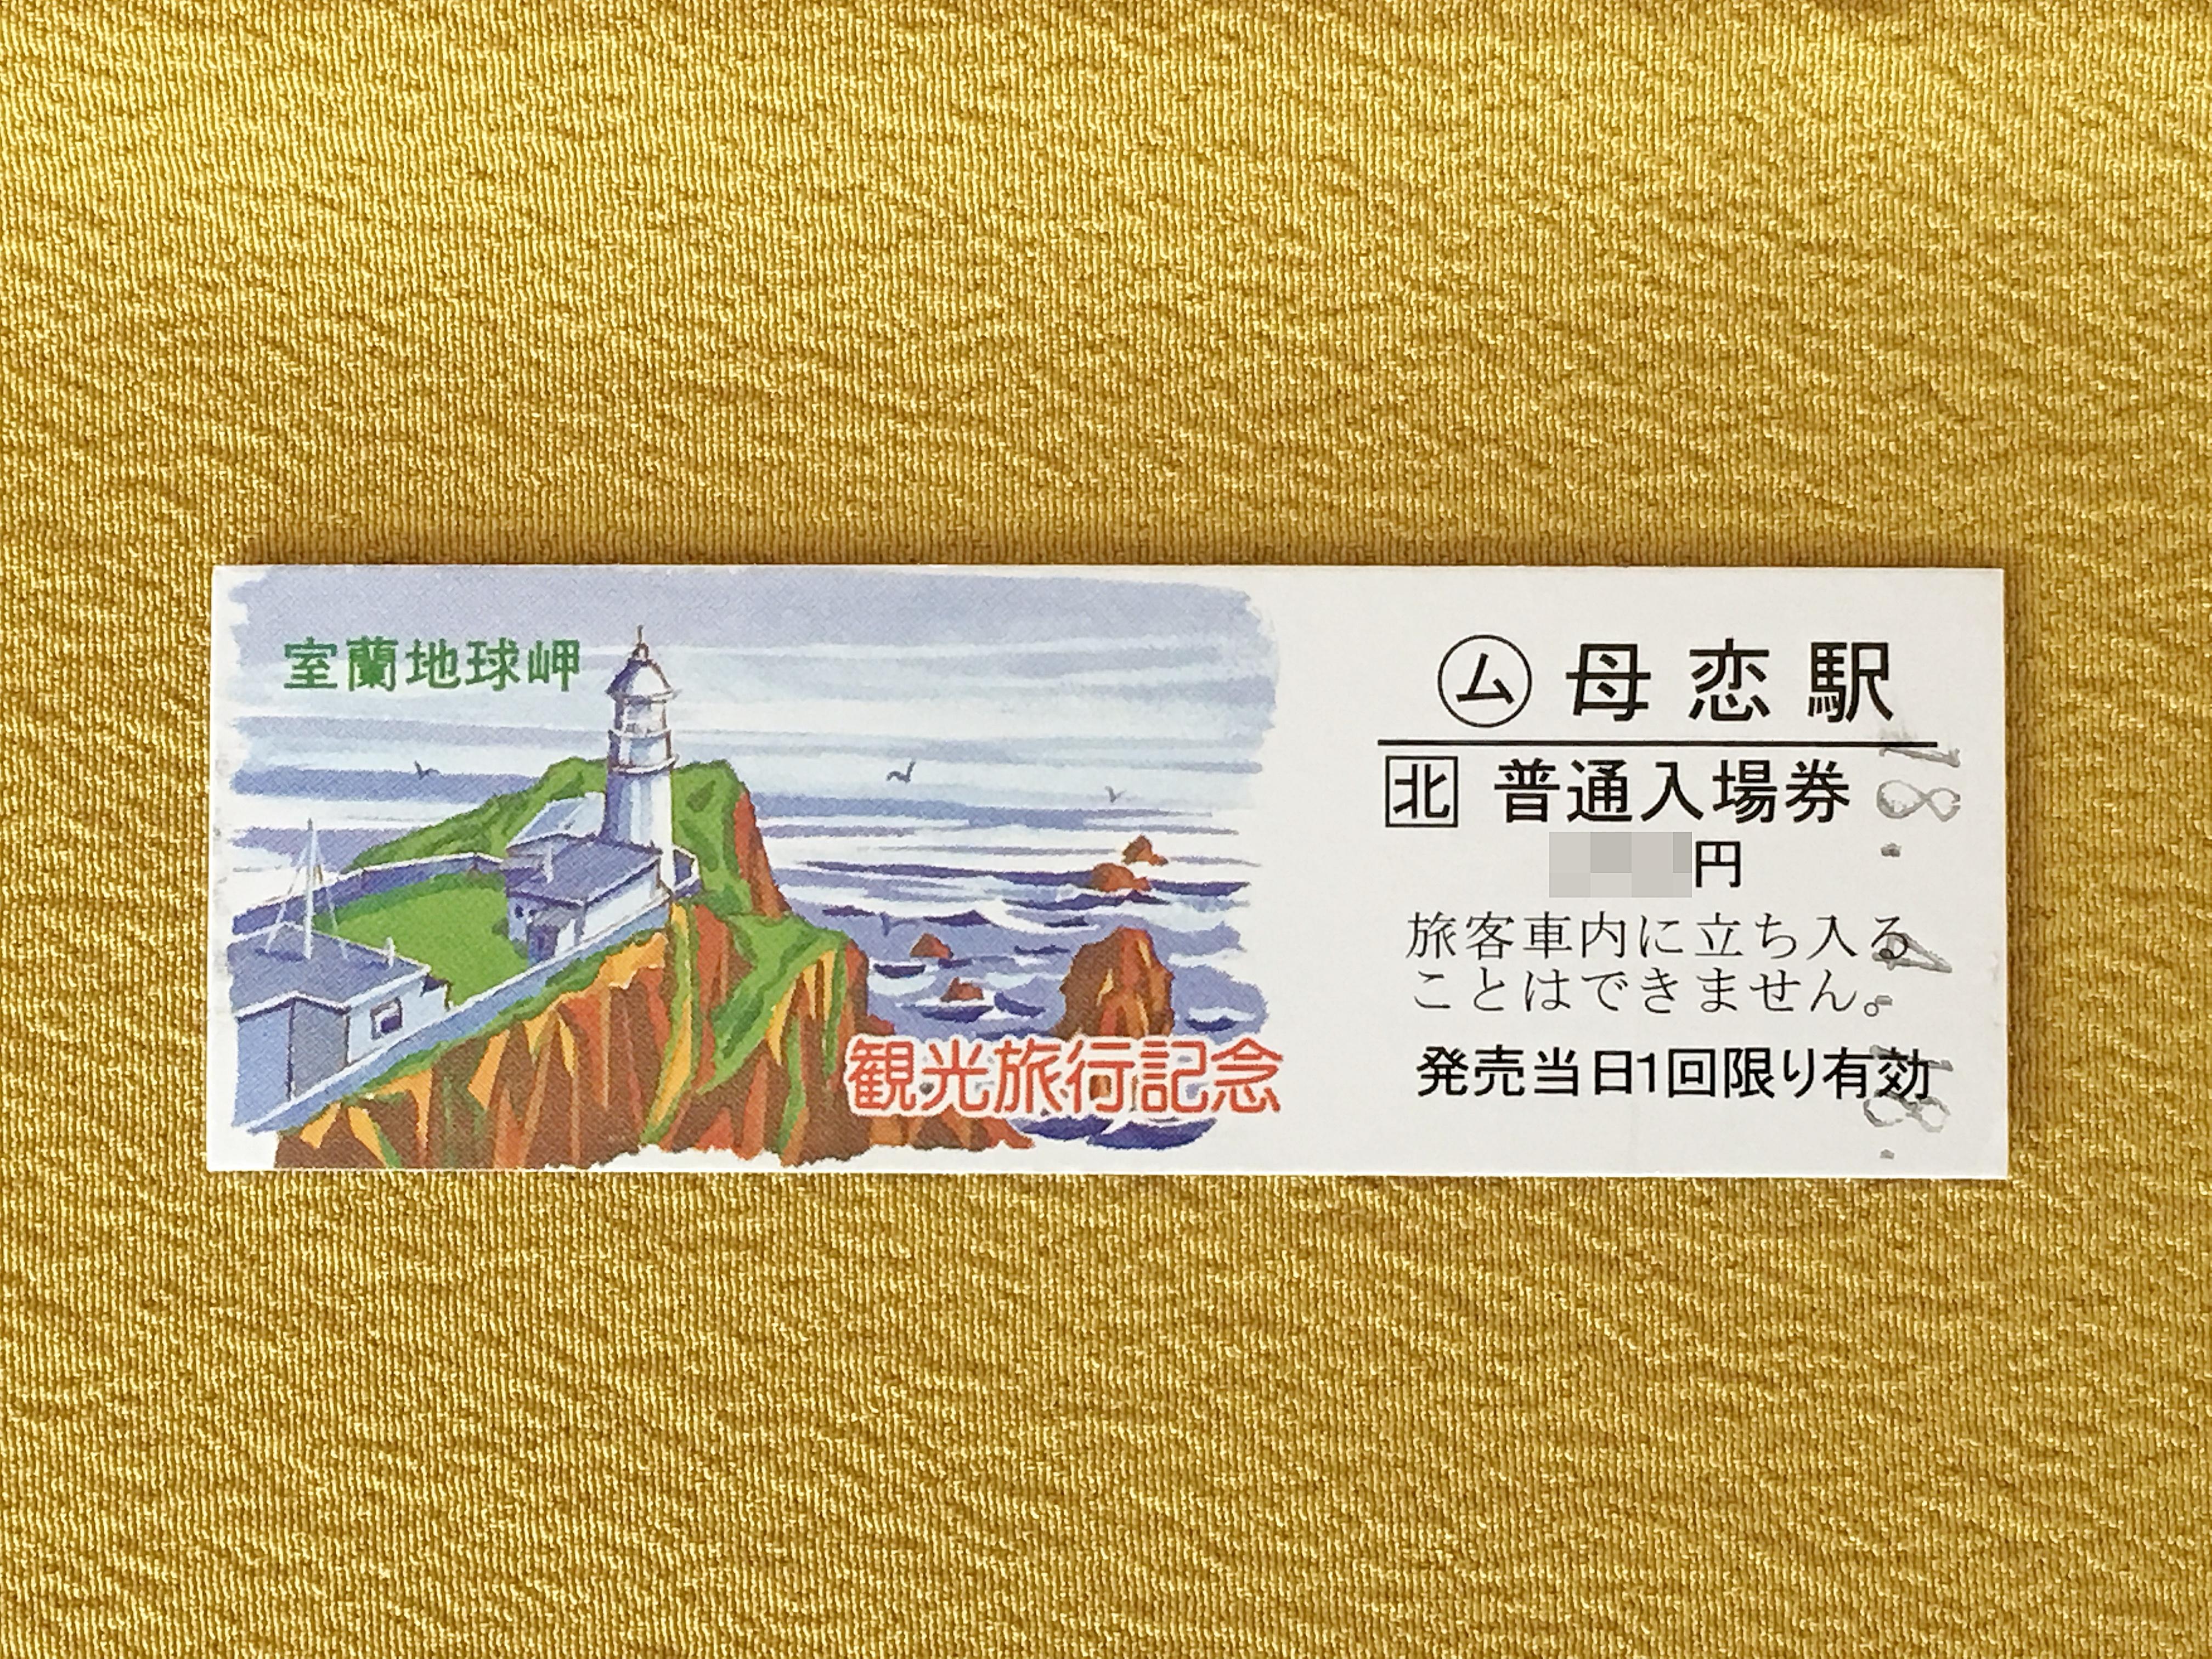 観光旅行記念 母恋駅.JPG